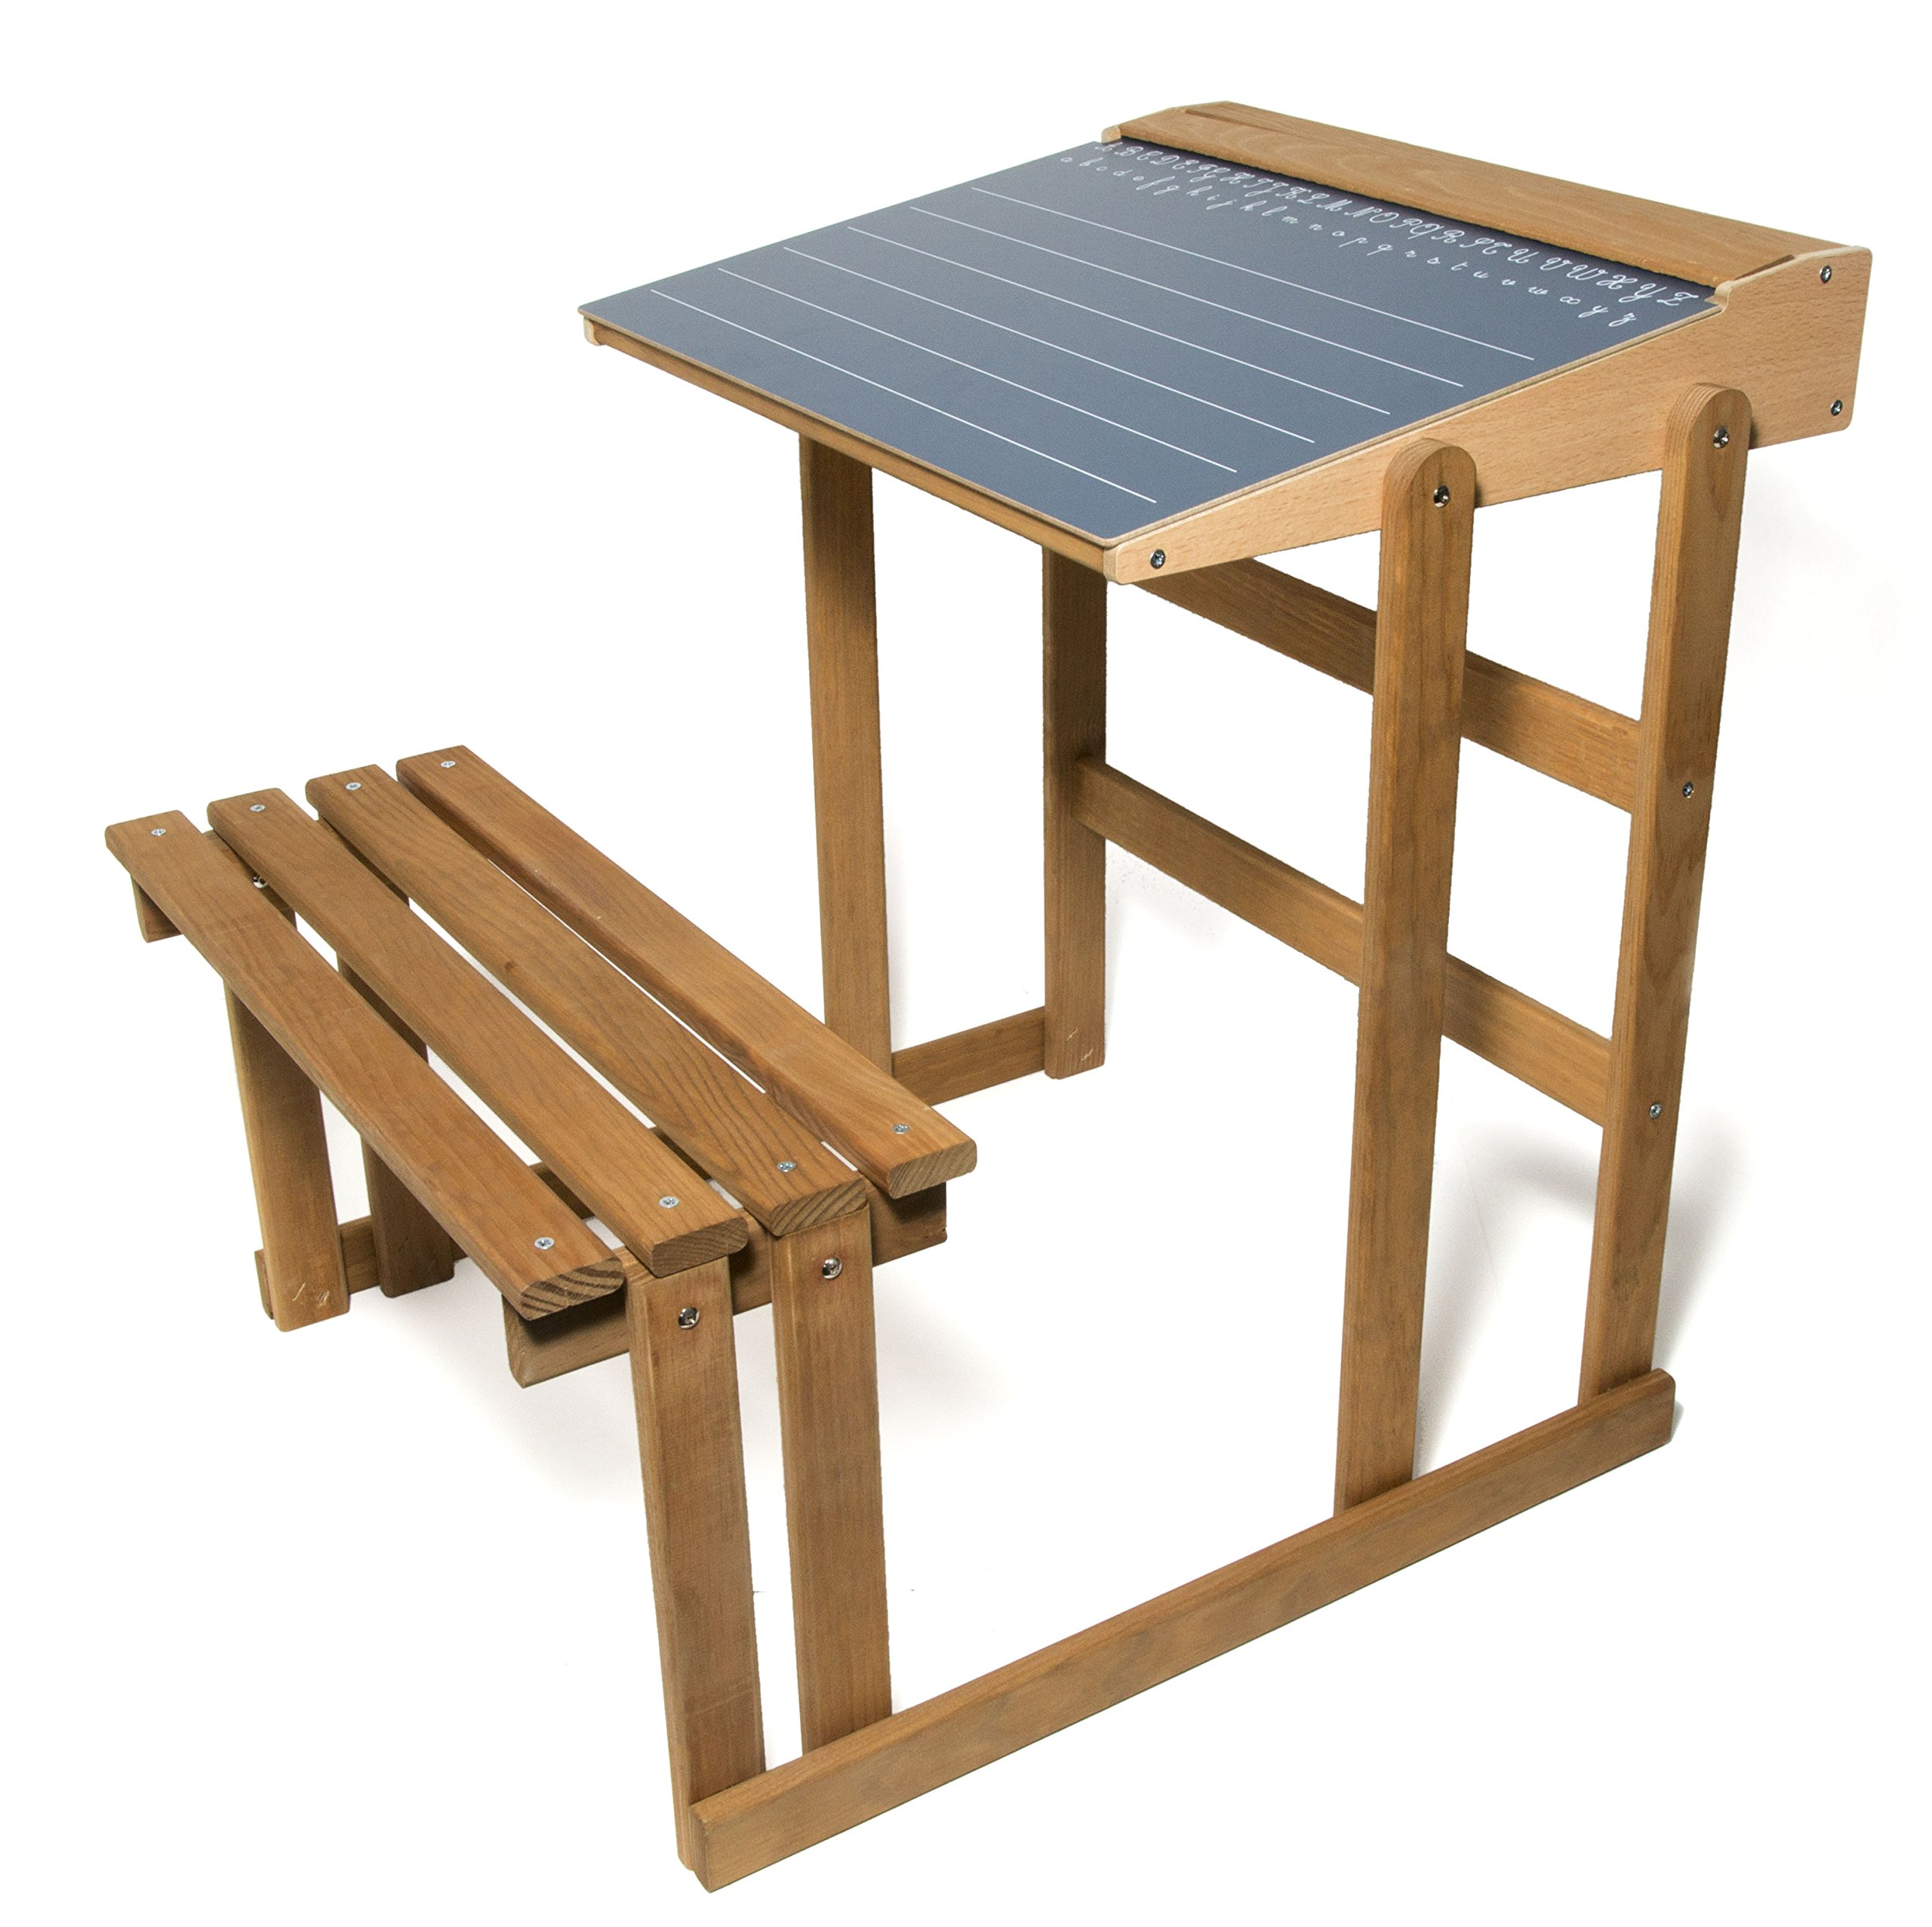 School SchoolJ8862 Desk in Oak-Coloured Wood